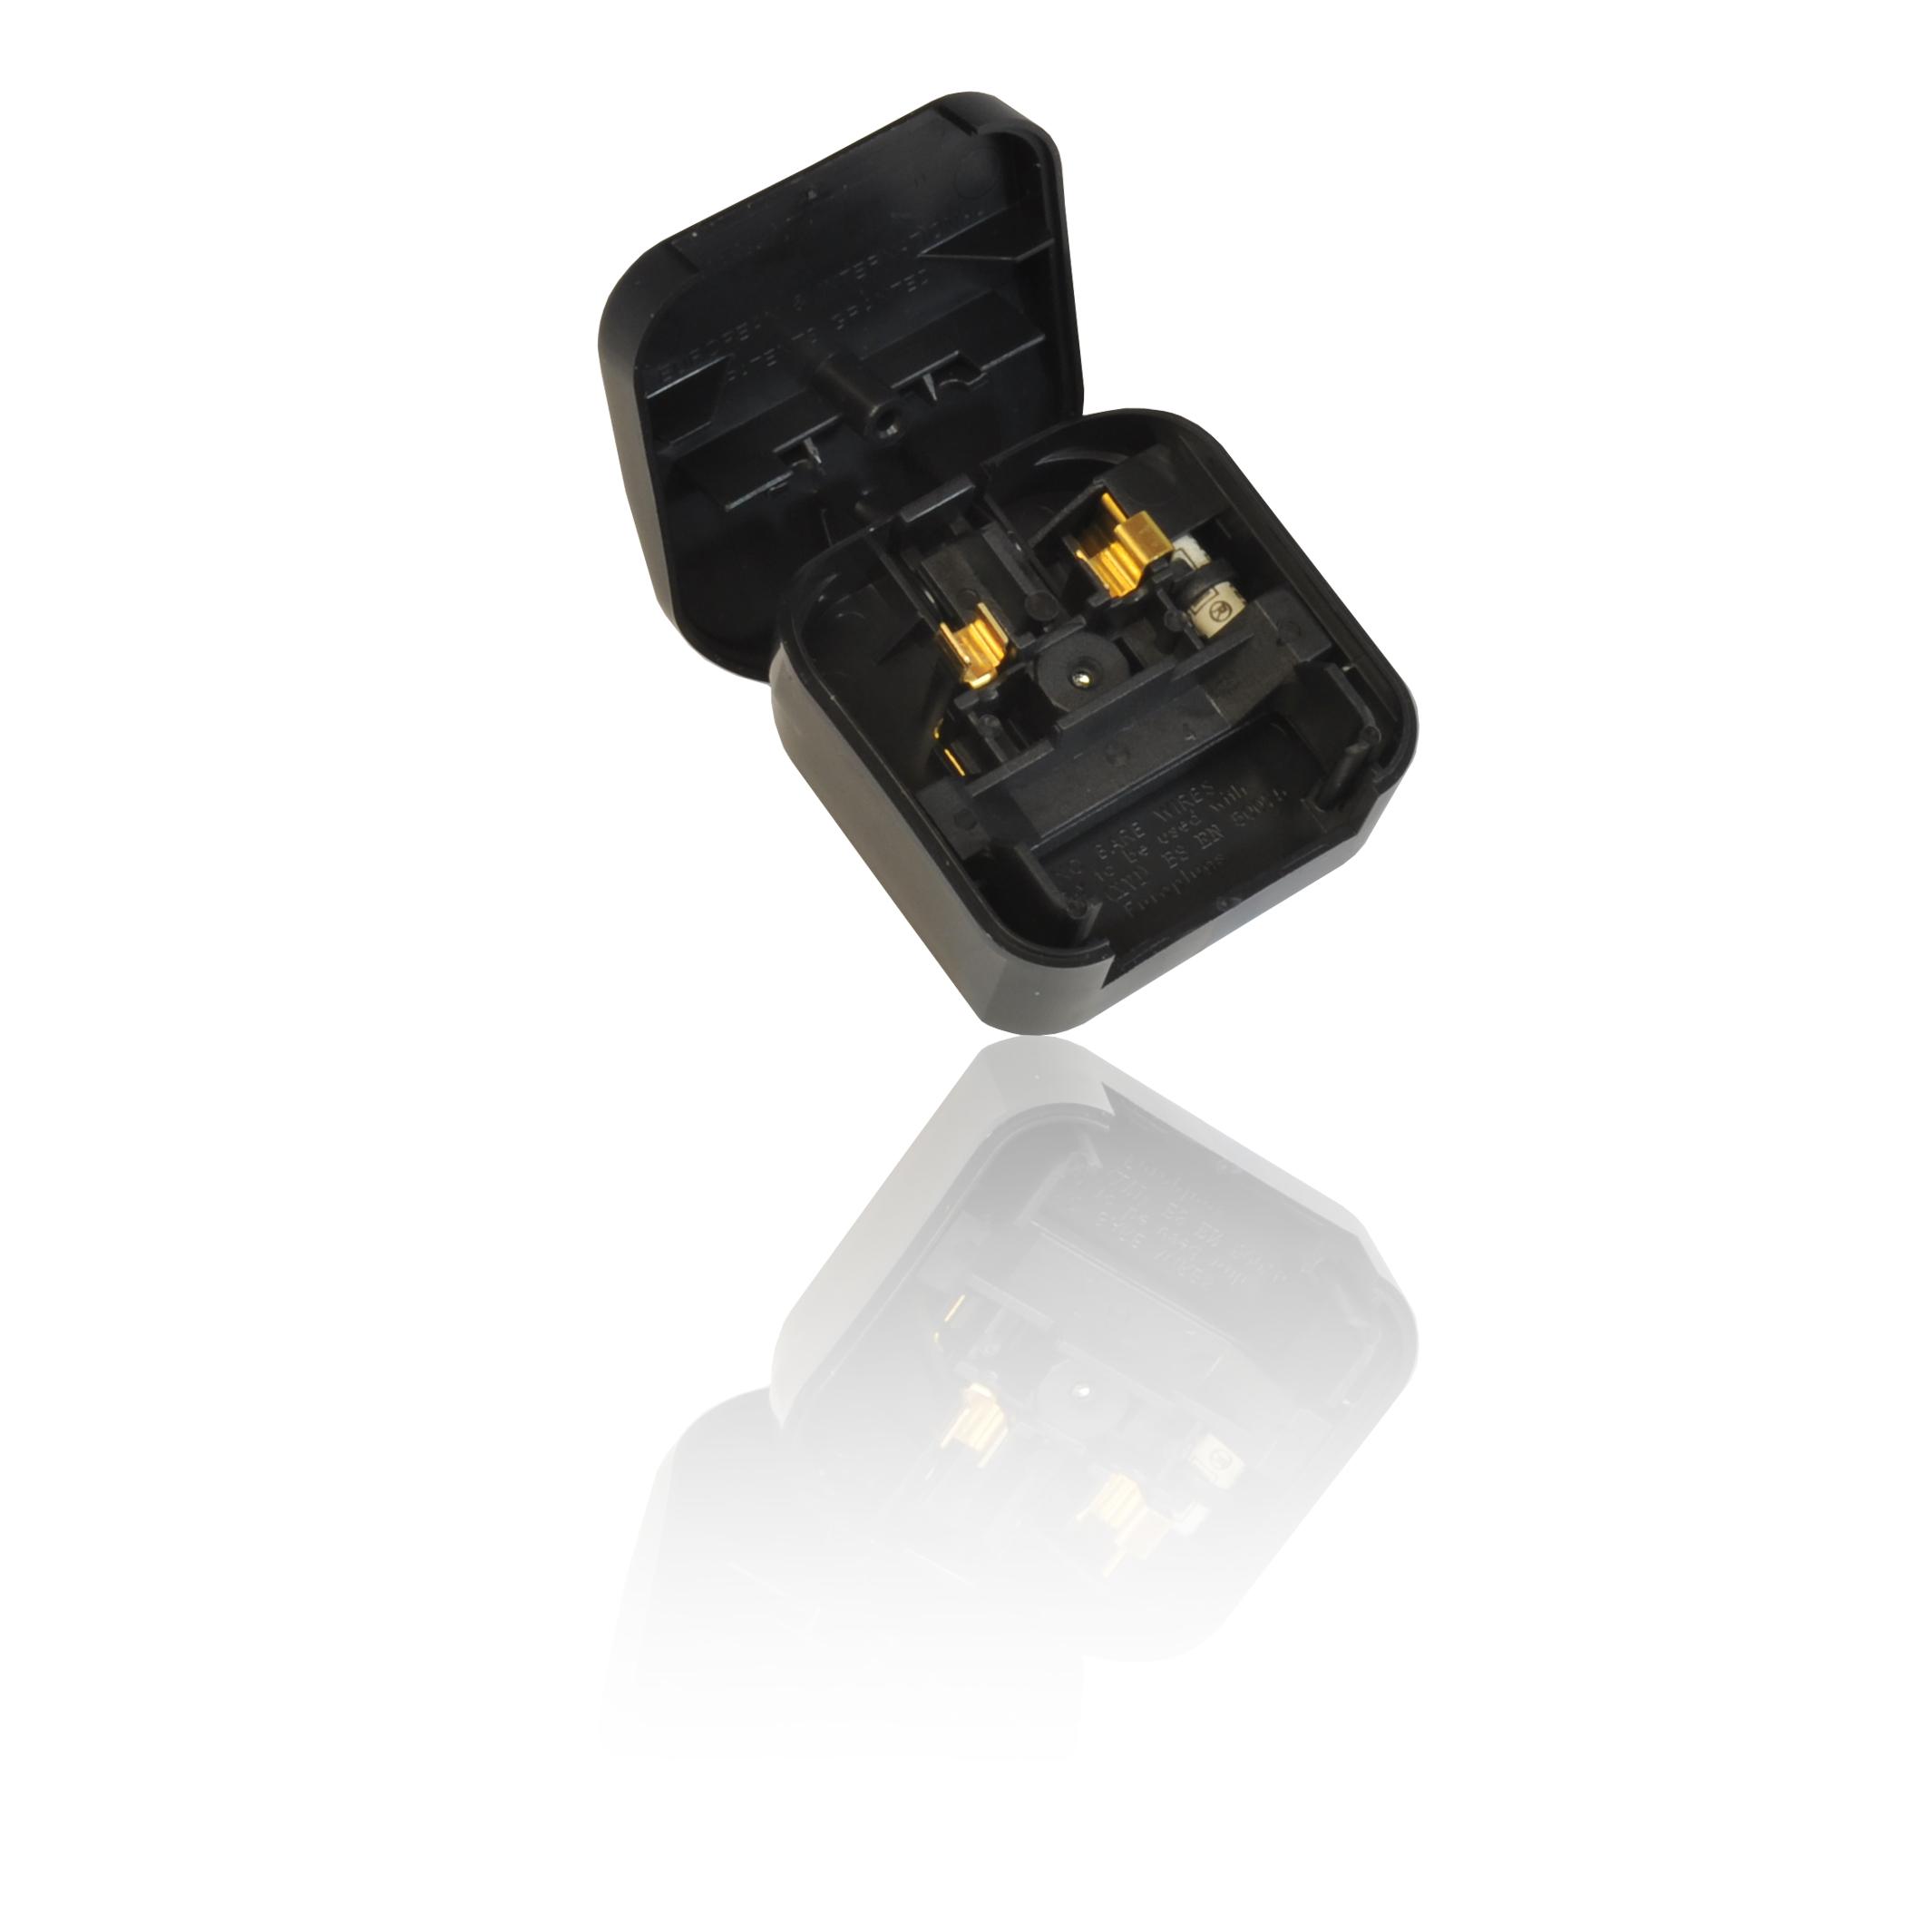 2 Pin Euro Plug To 3 Pin Uk Mains Adapter